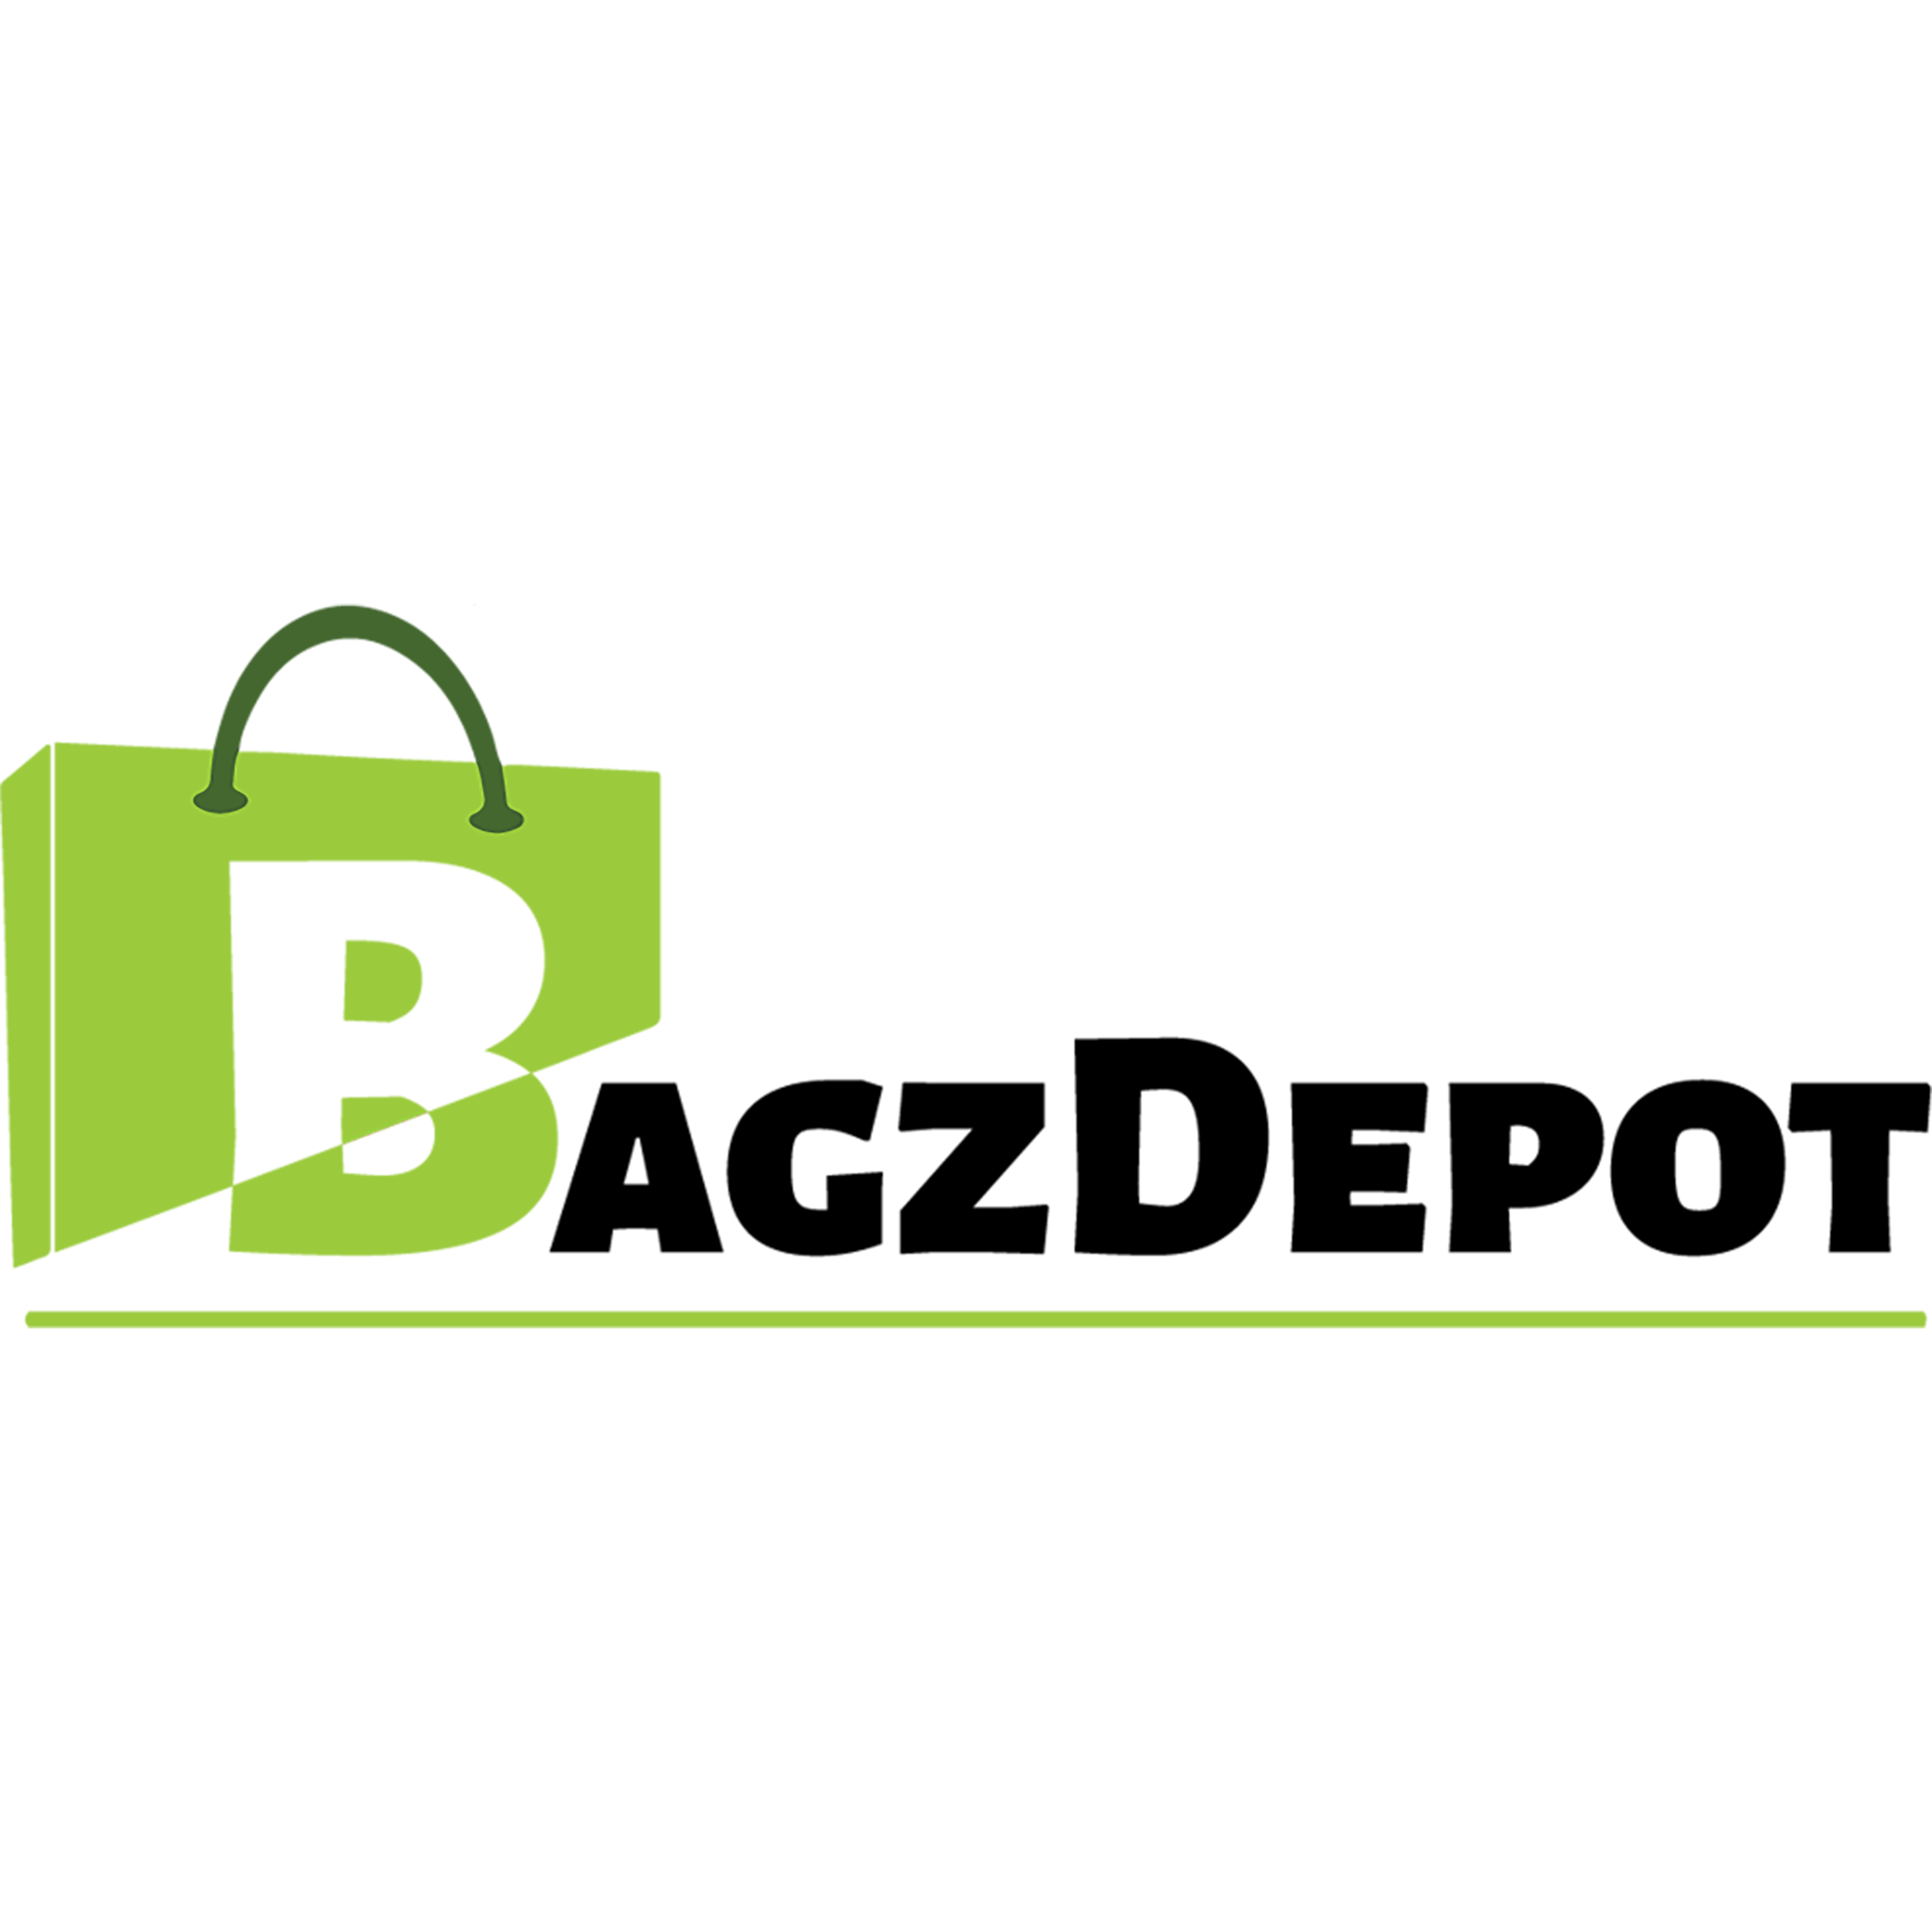 BagzDepot